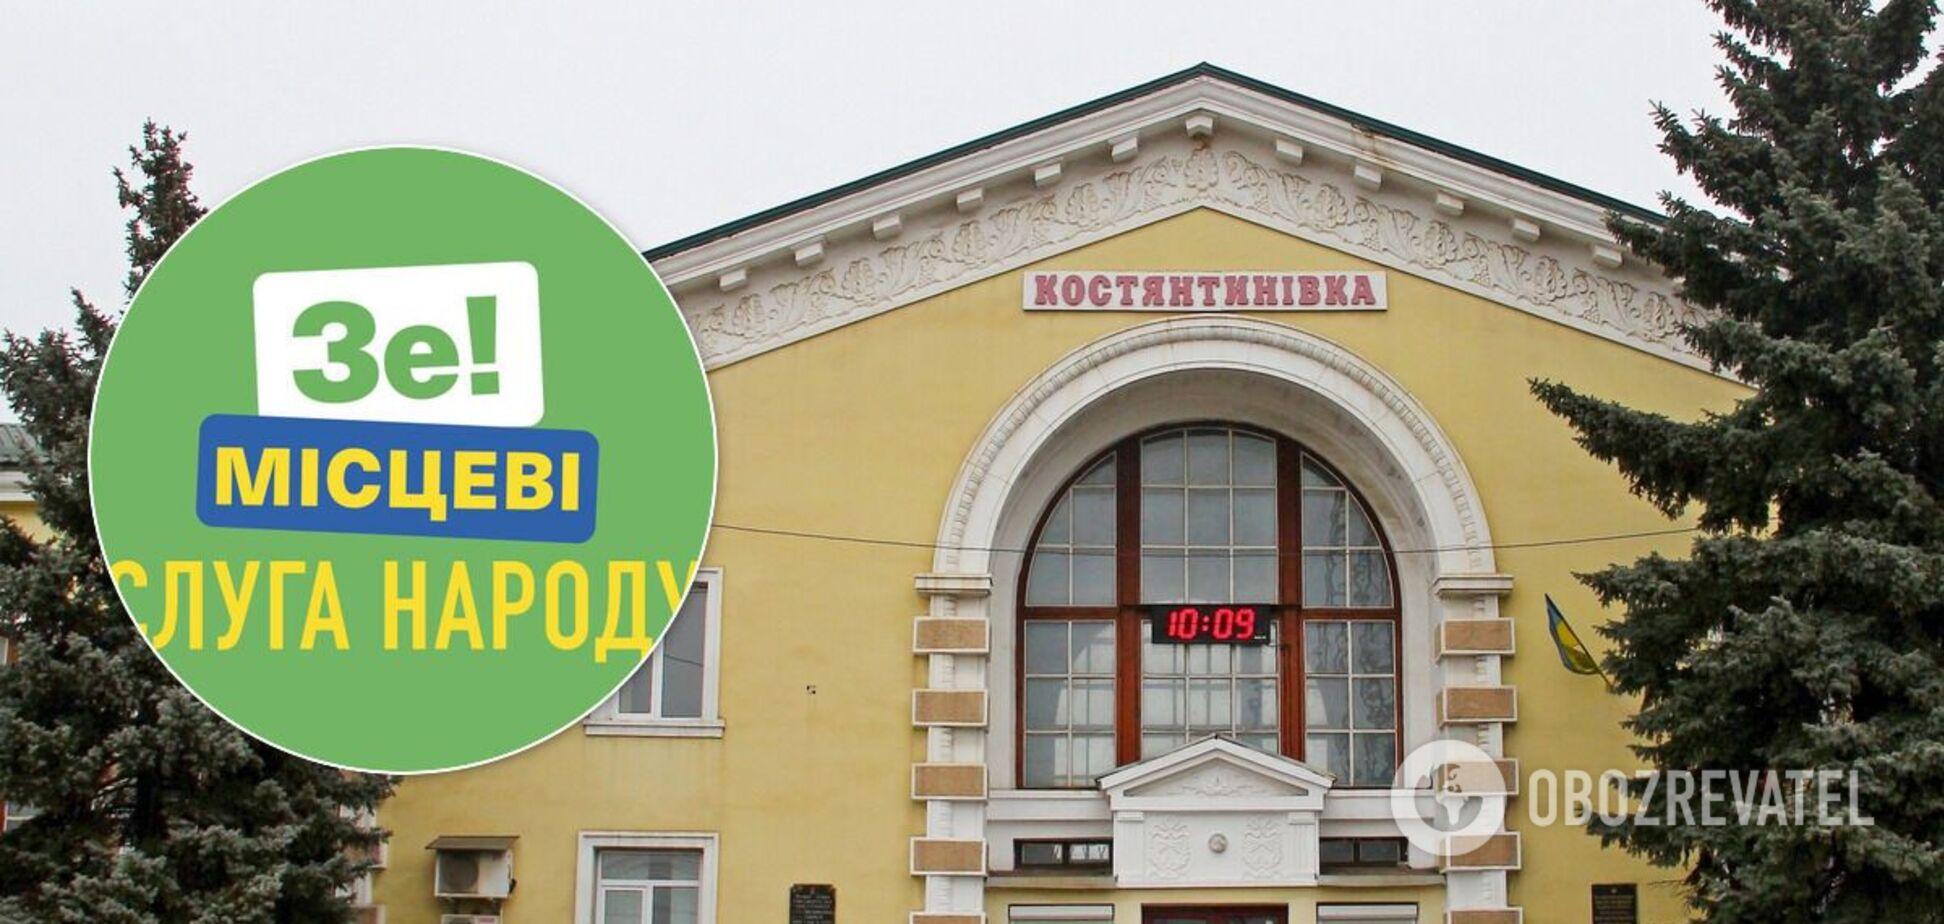 В Константиновке обработано 100% протоколов